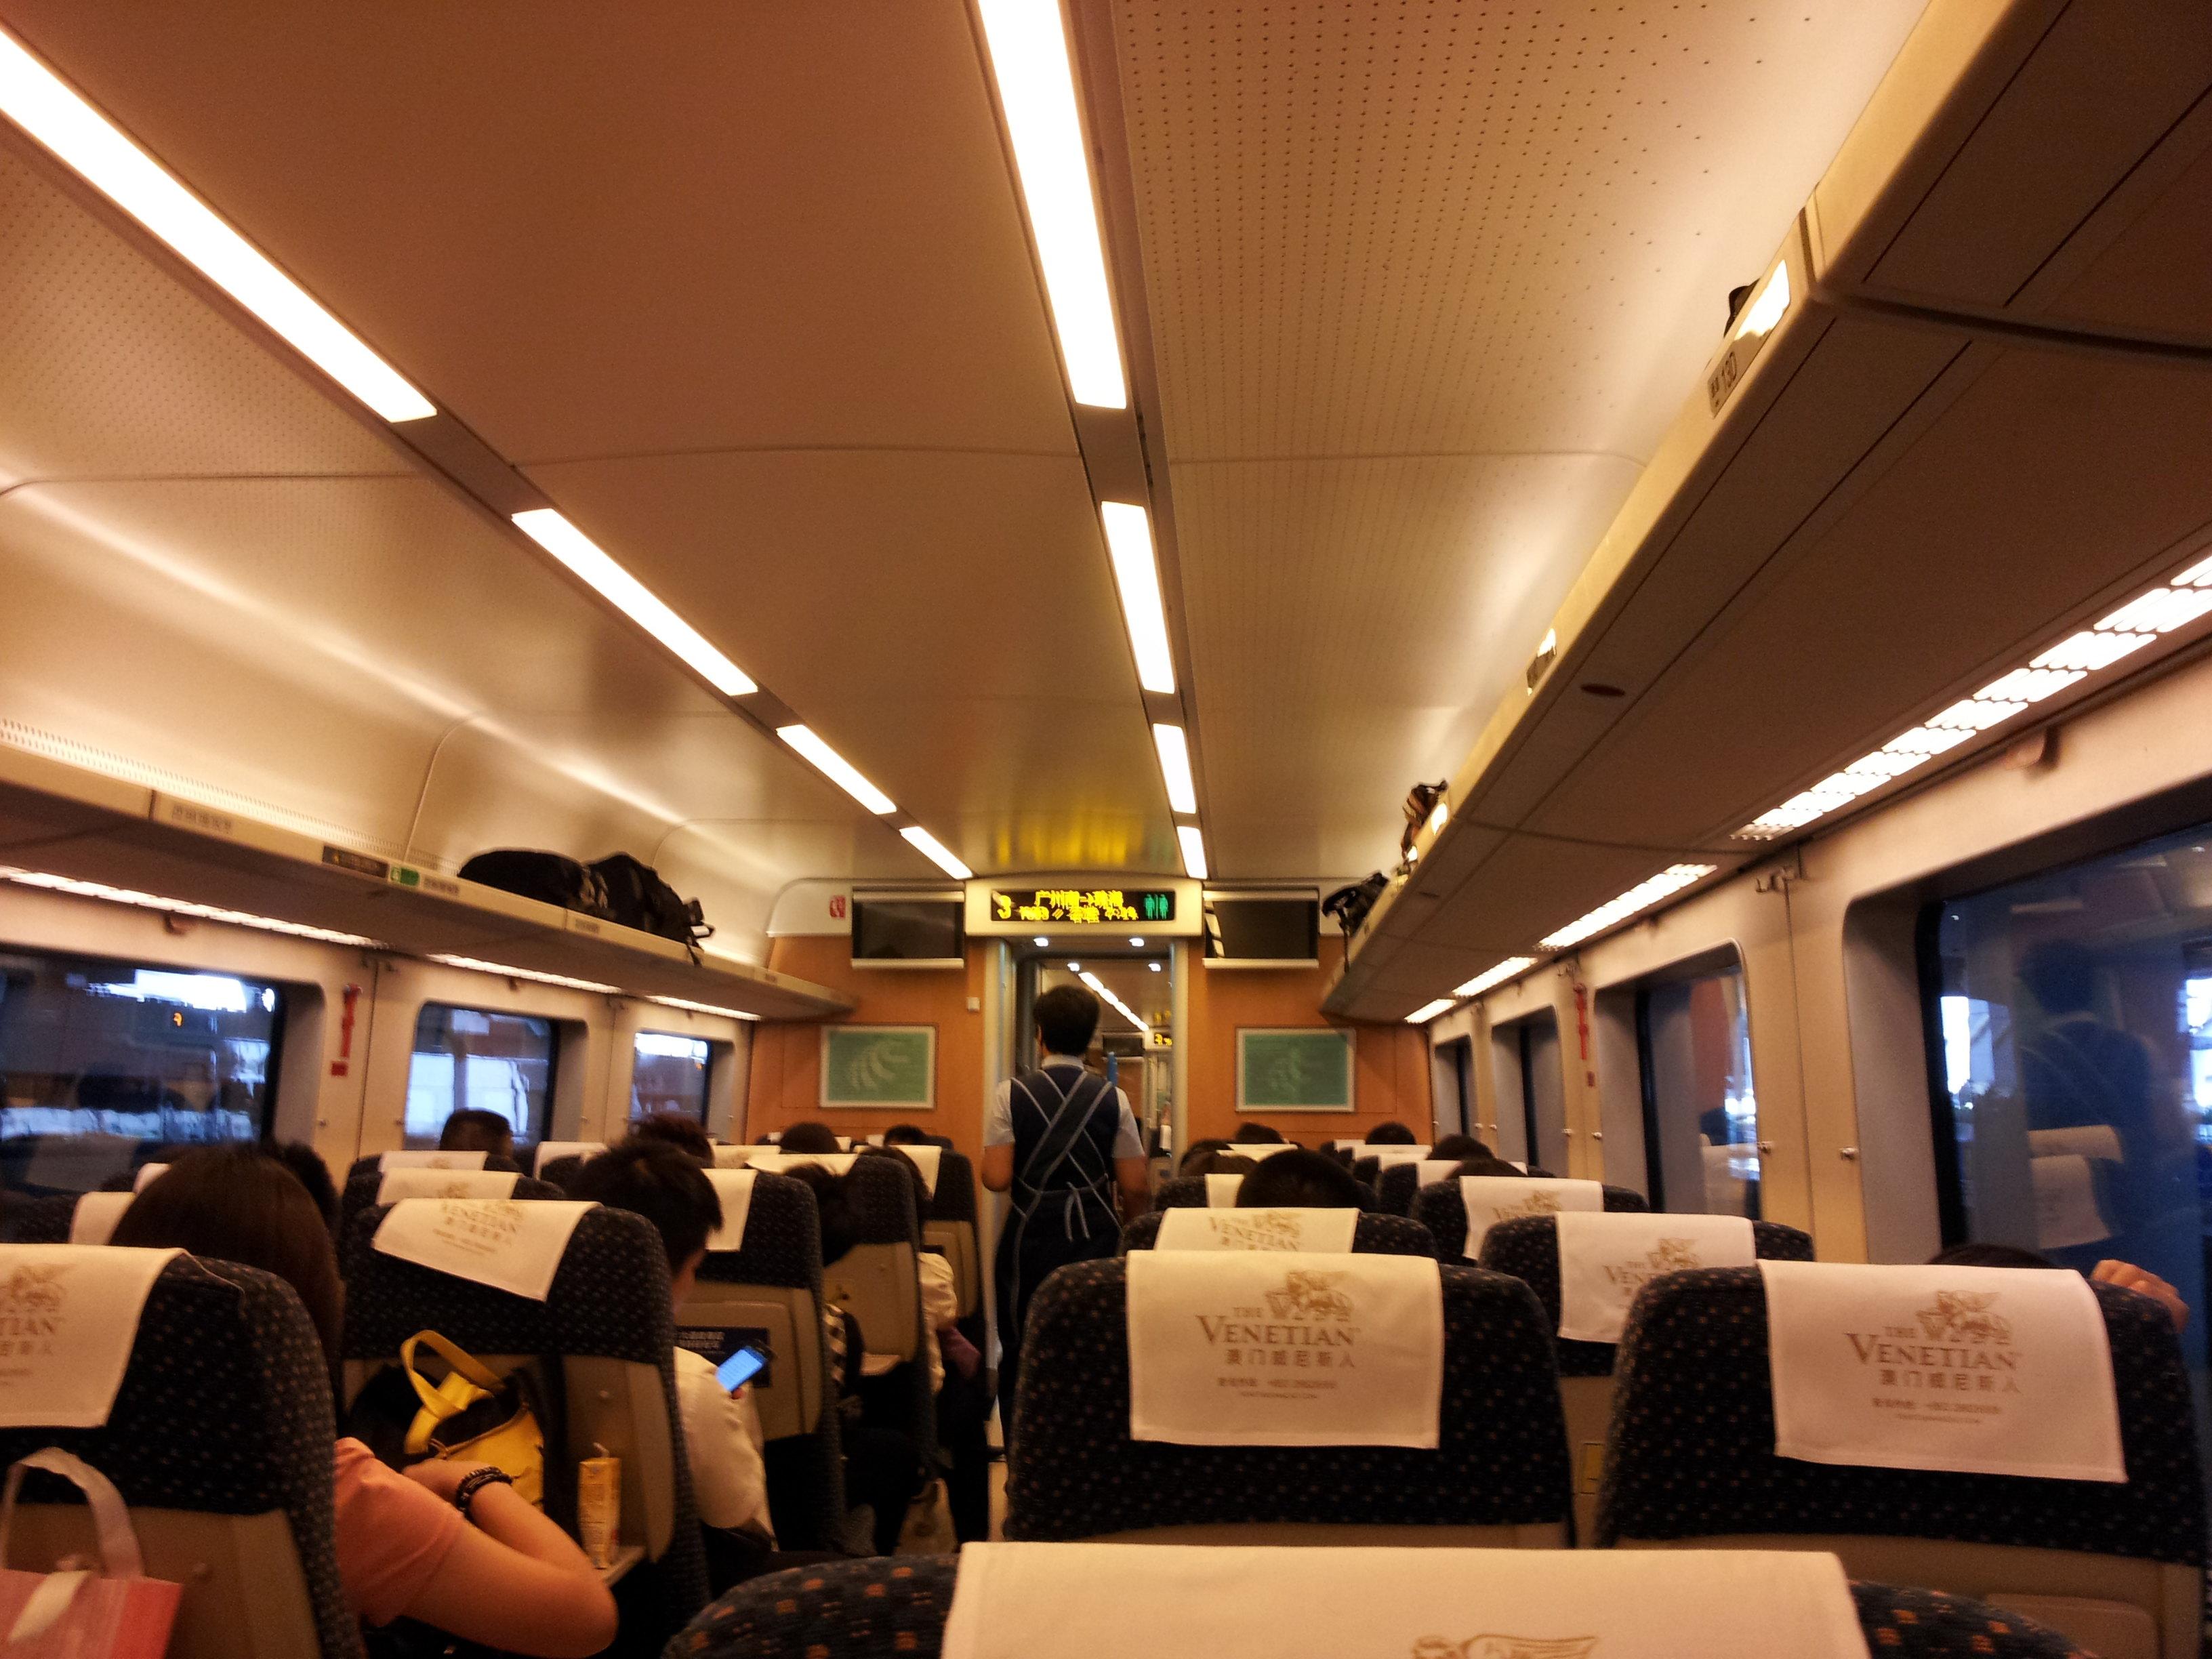 从广州到珠海的高铁票需要预定吗?